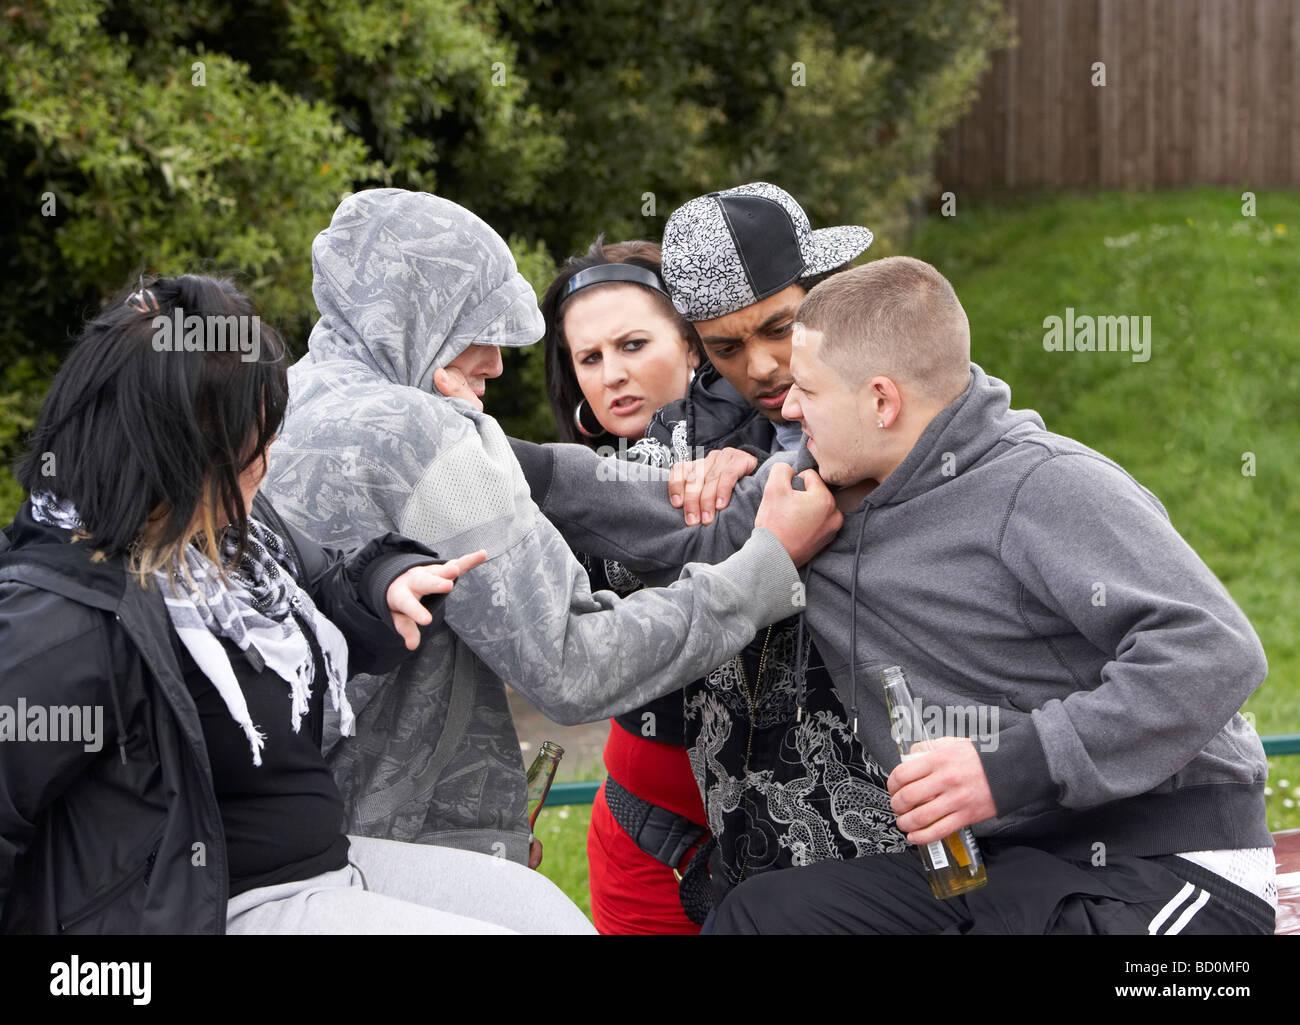 Bande de jeunes combats Photo Stock